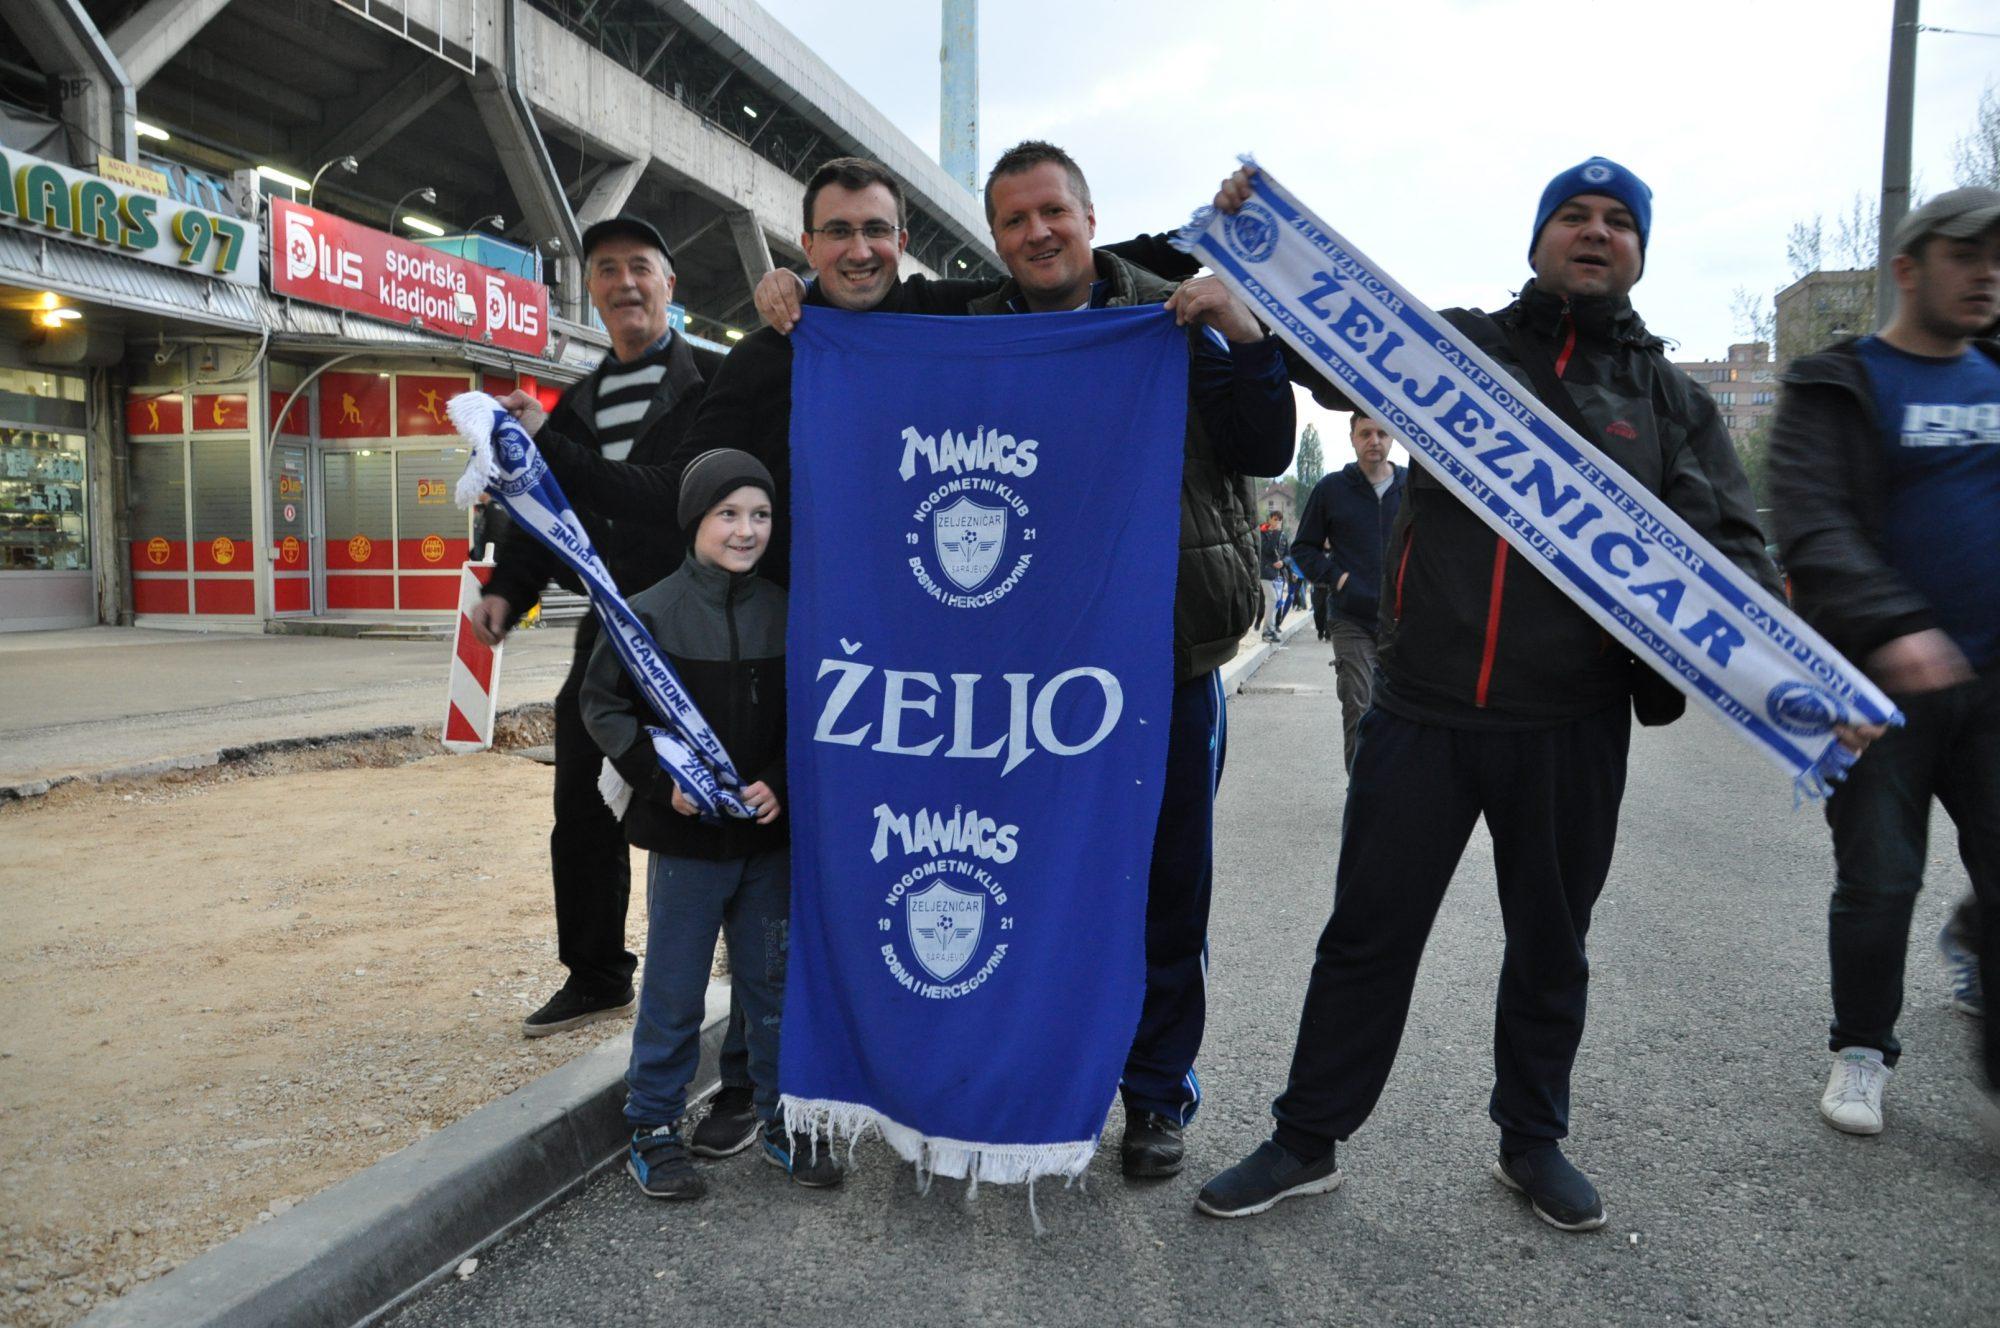 Zeljo at Grbavica Stadium